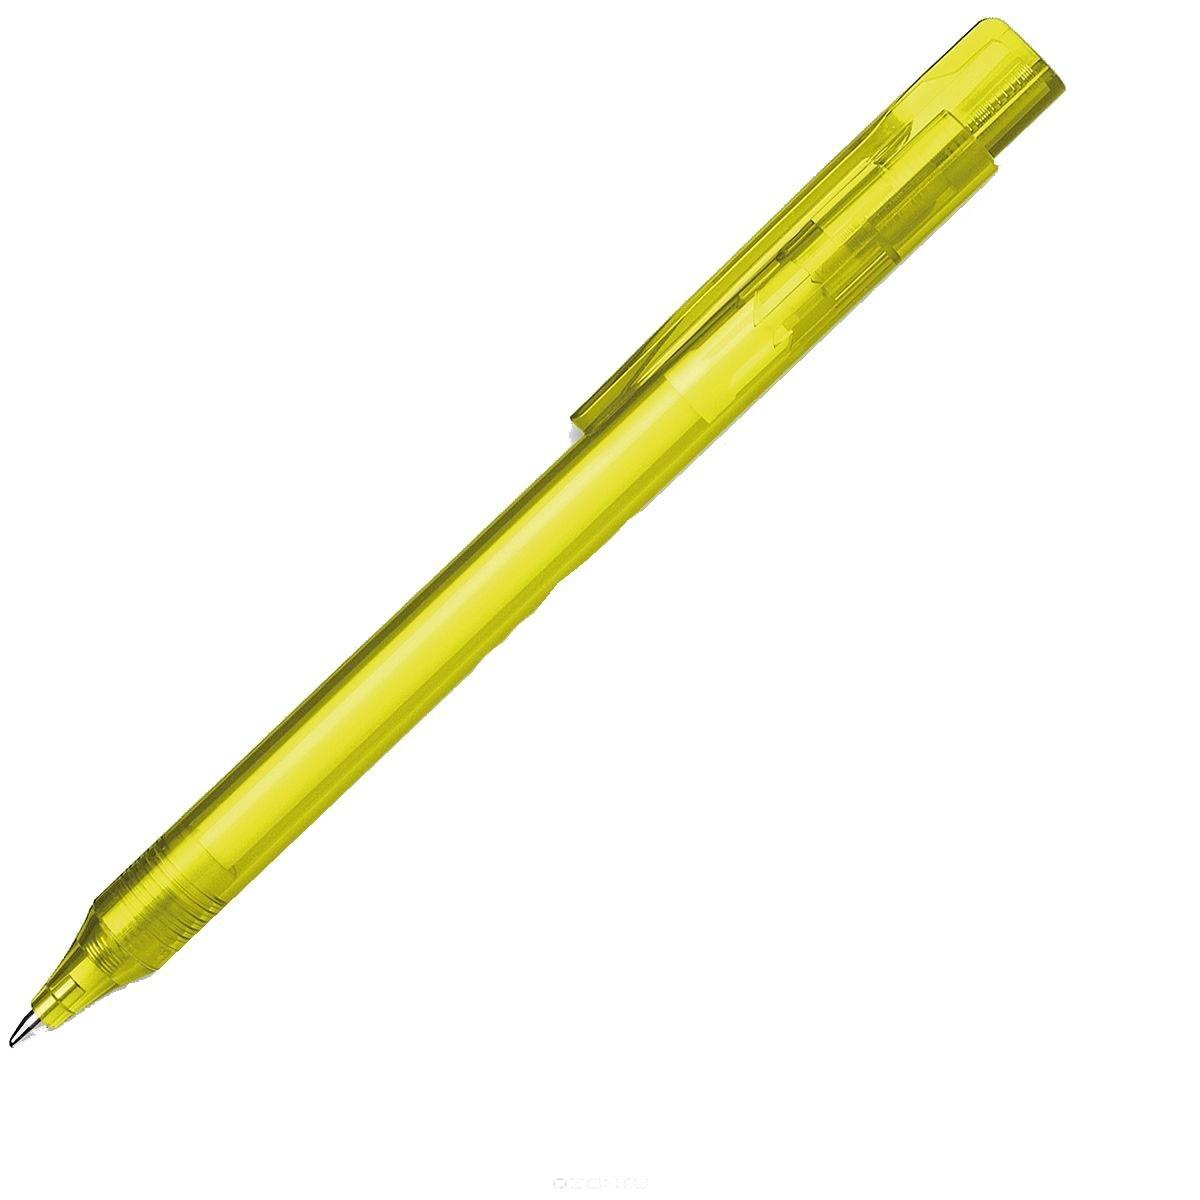 Ручка шариковая Essential, M - 0,5 мм, корпус желтый прозрачный; синий цвет чернил.S937399/50 S937399-01/50